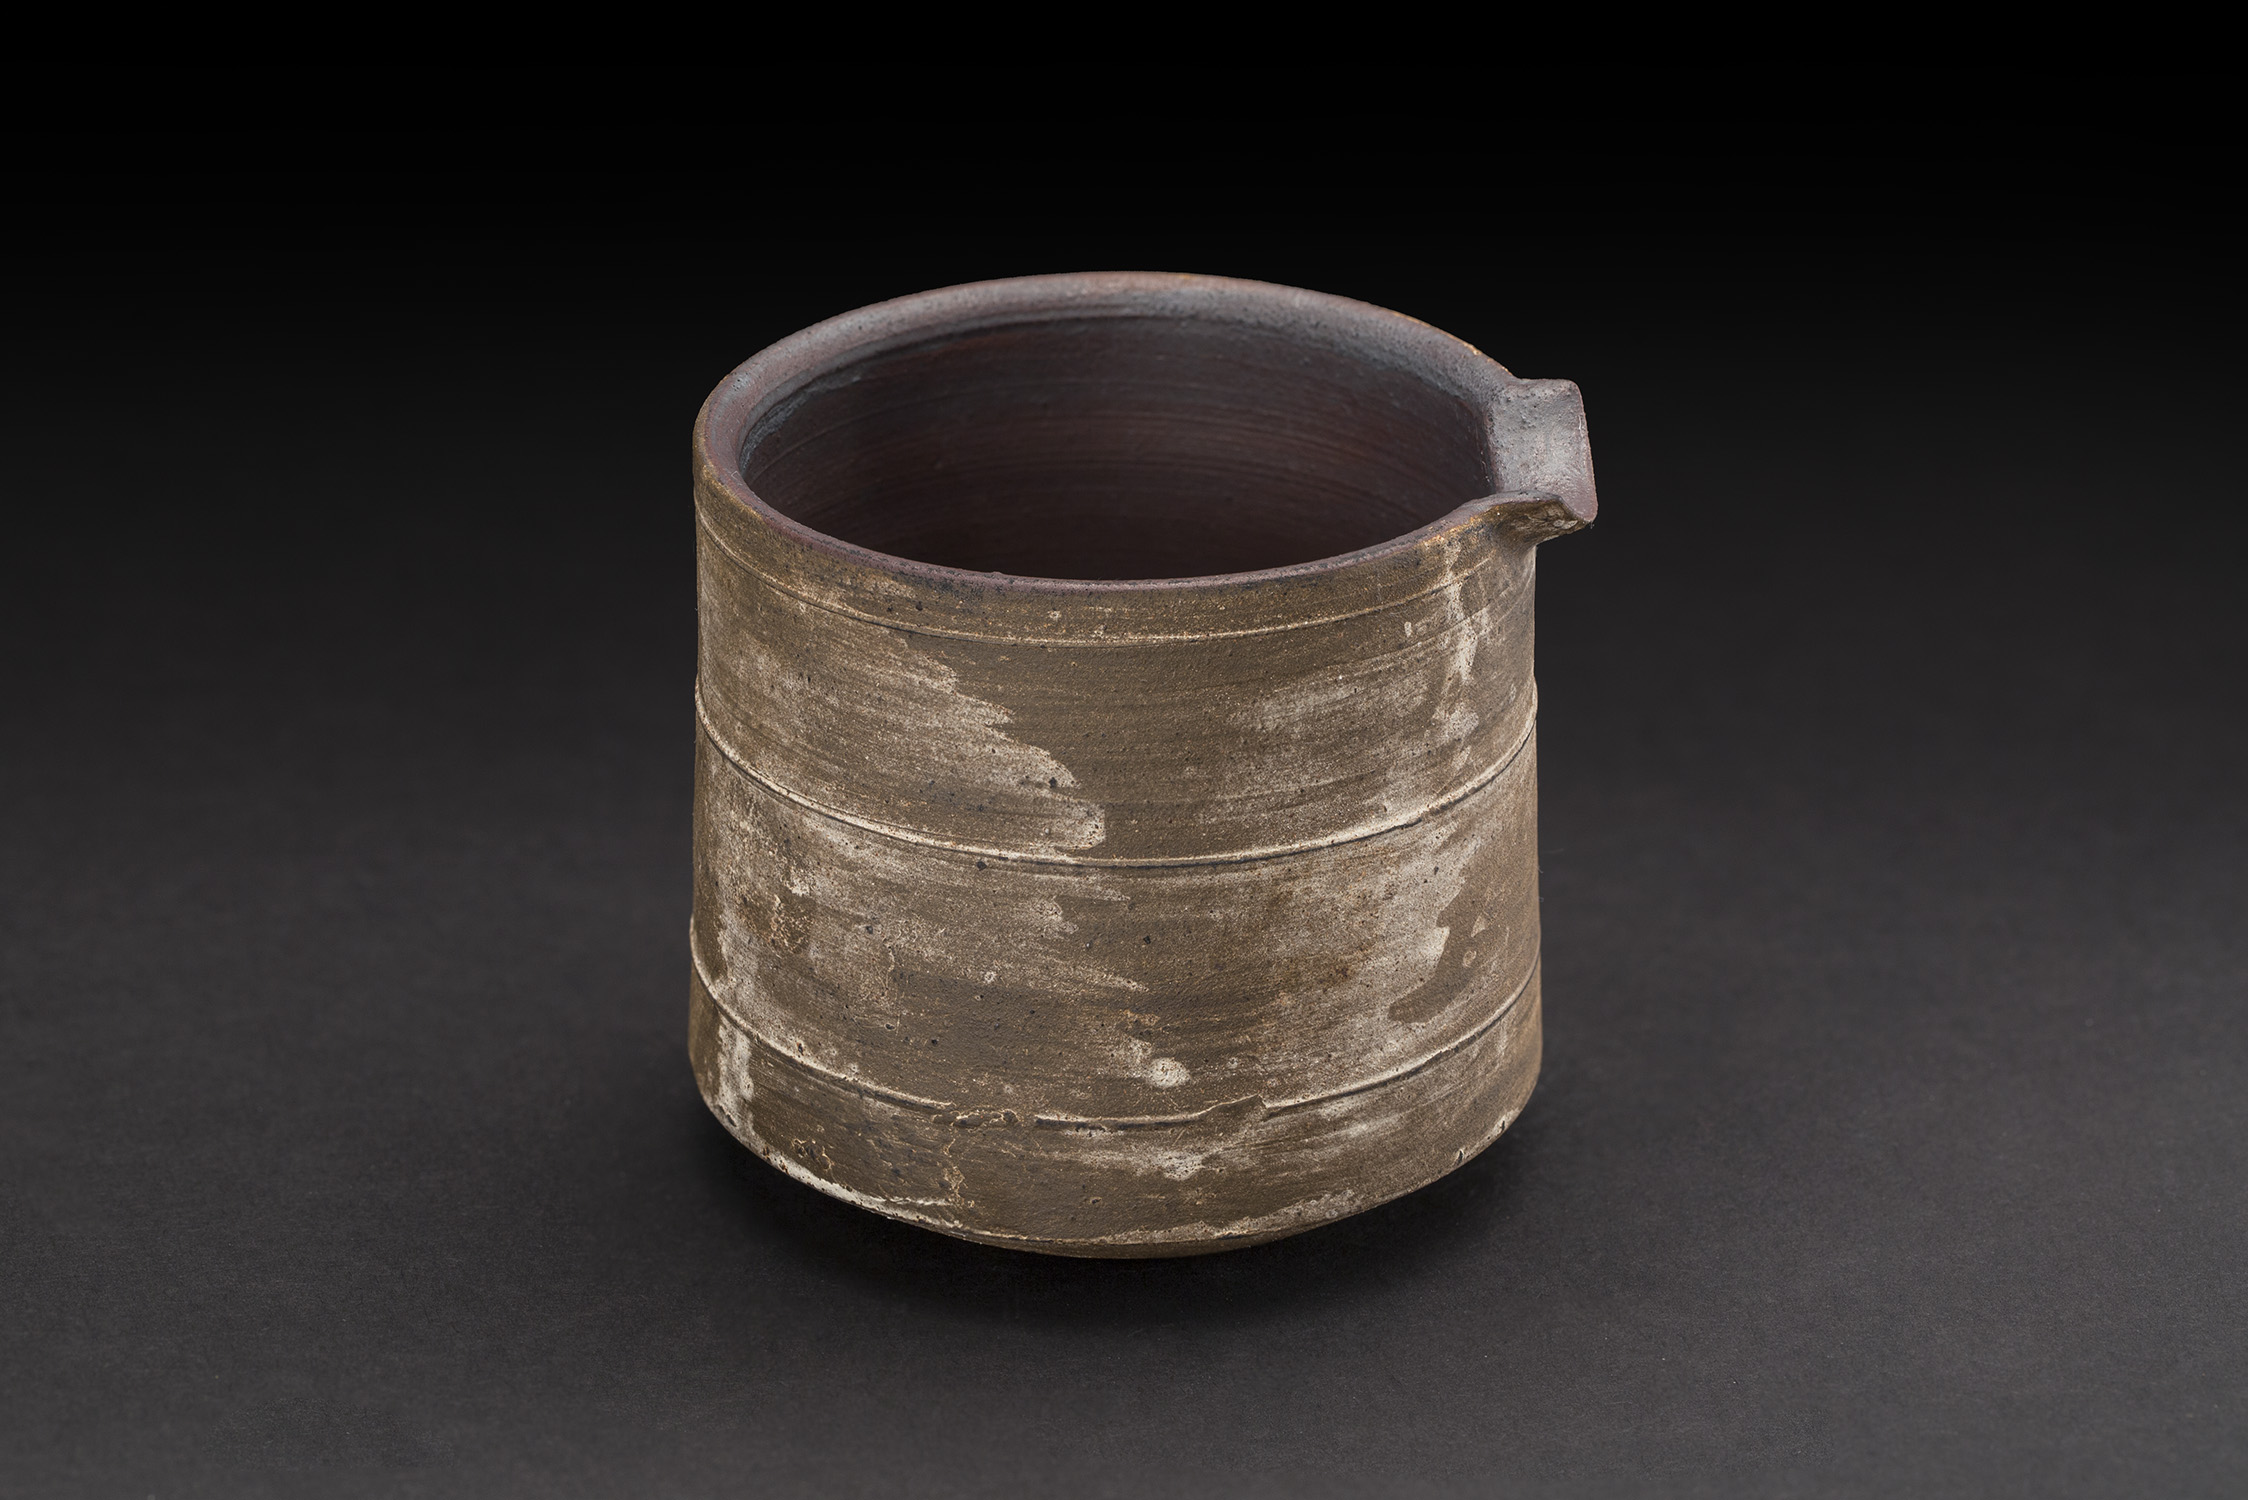 Akihiro Nikaido  Katakuchi  , 2019 Ceramic 3 x 3.25 x 2.75 inches 7.6 x 8.3 x 7 cm ANk 123